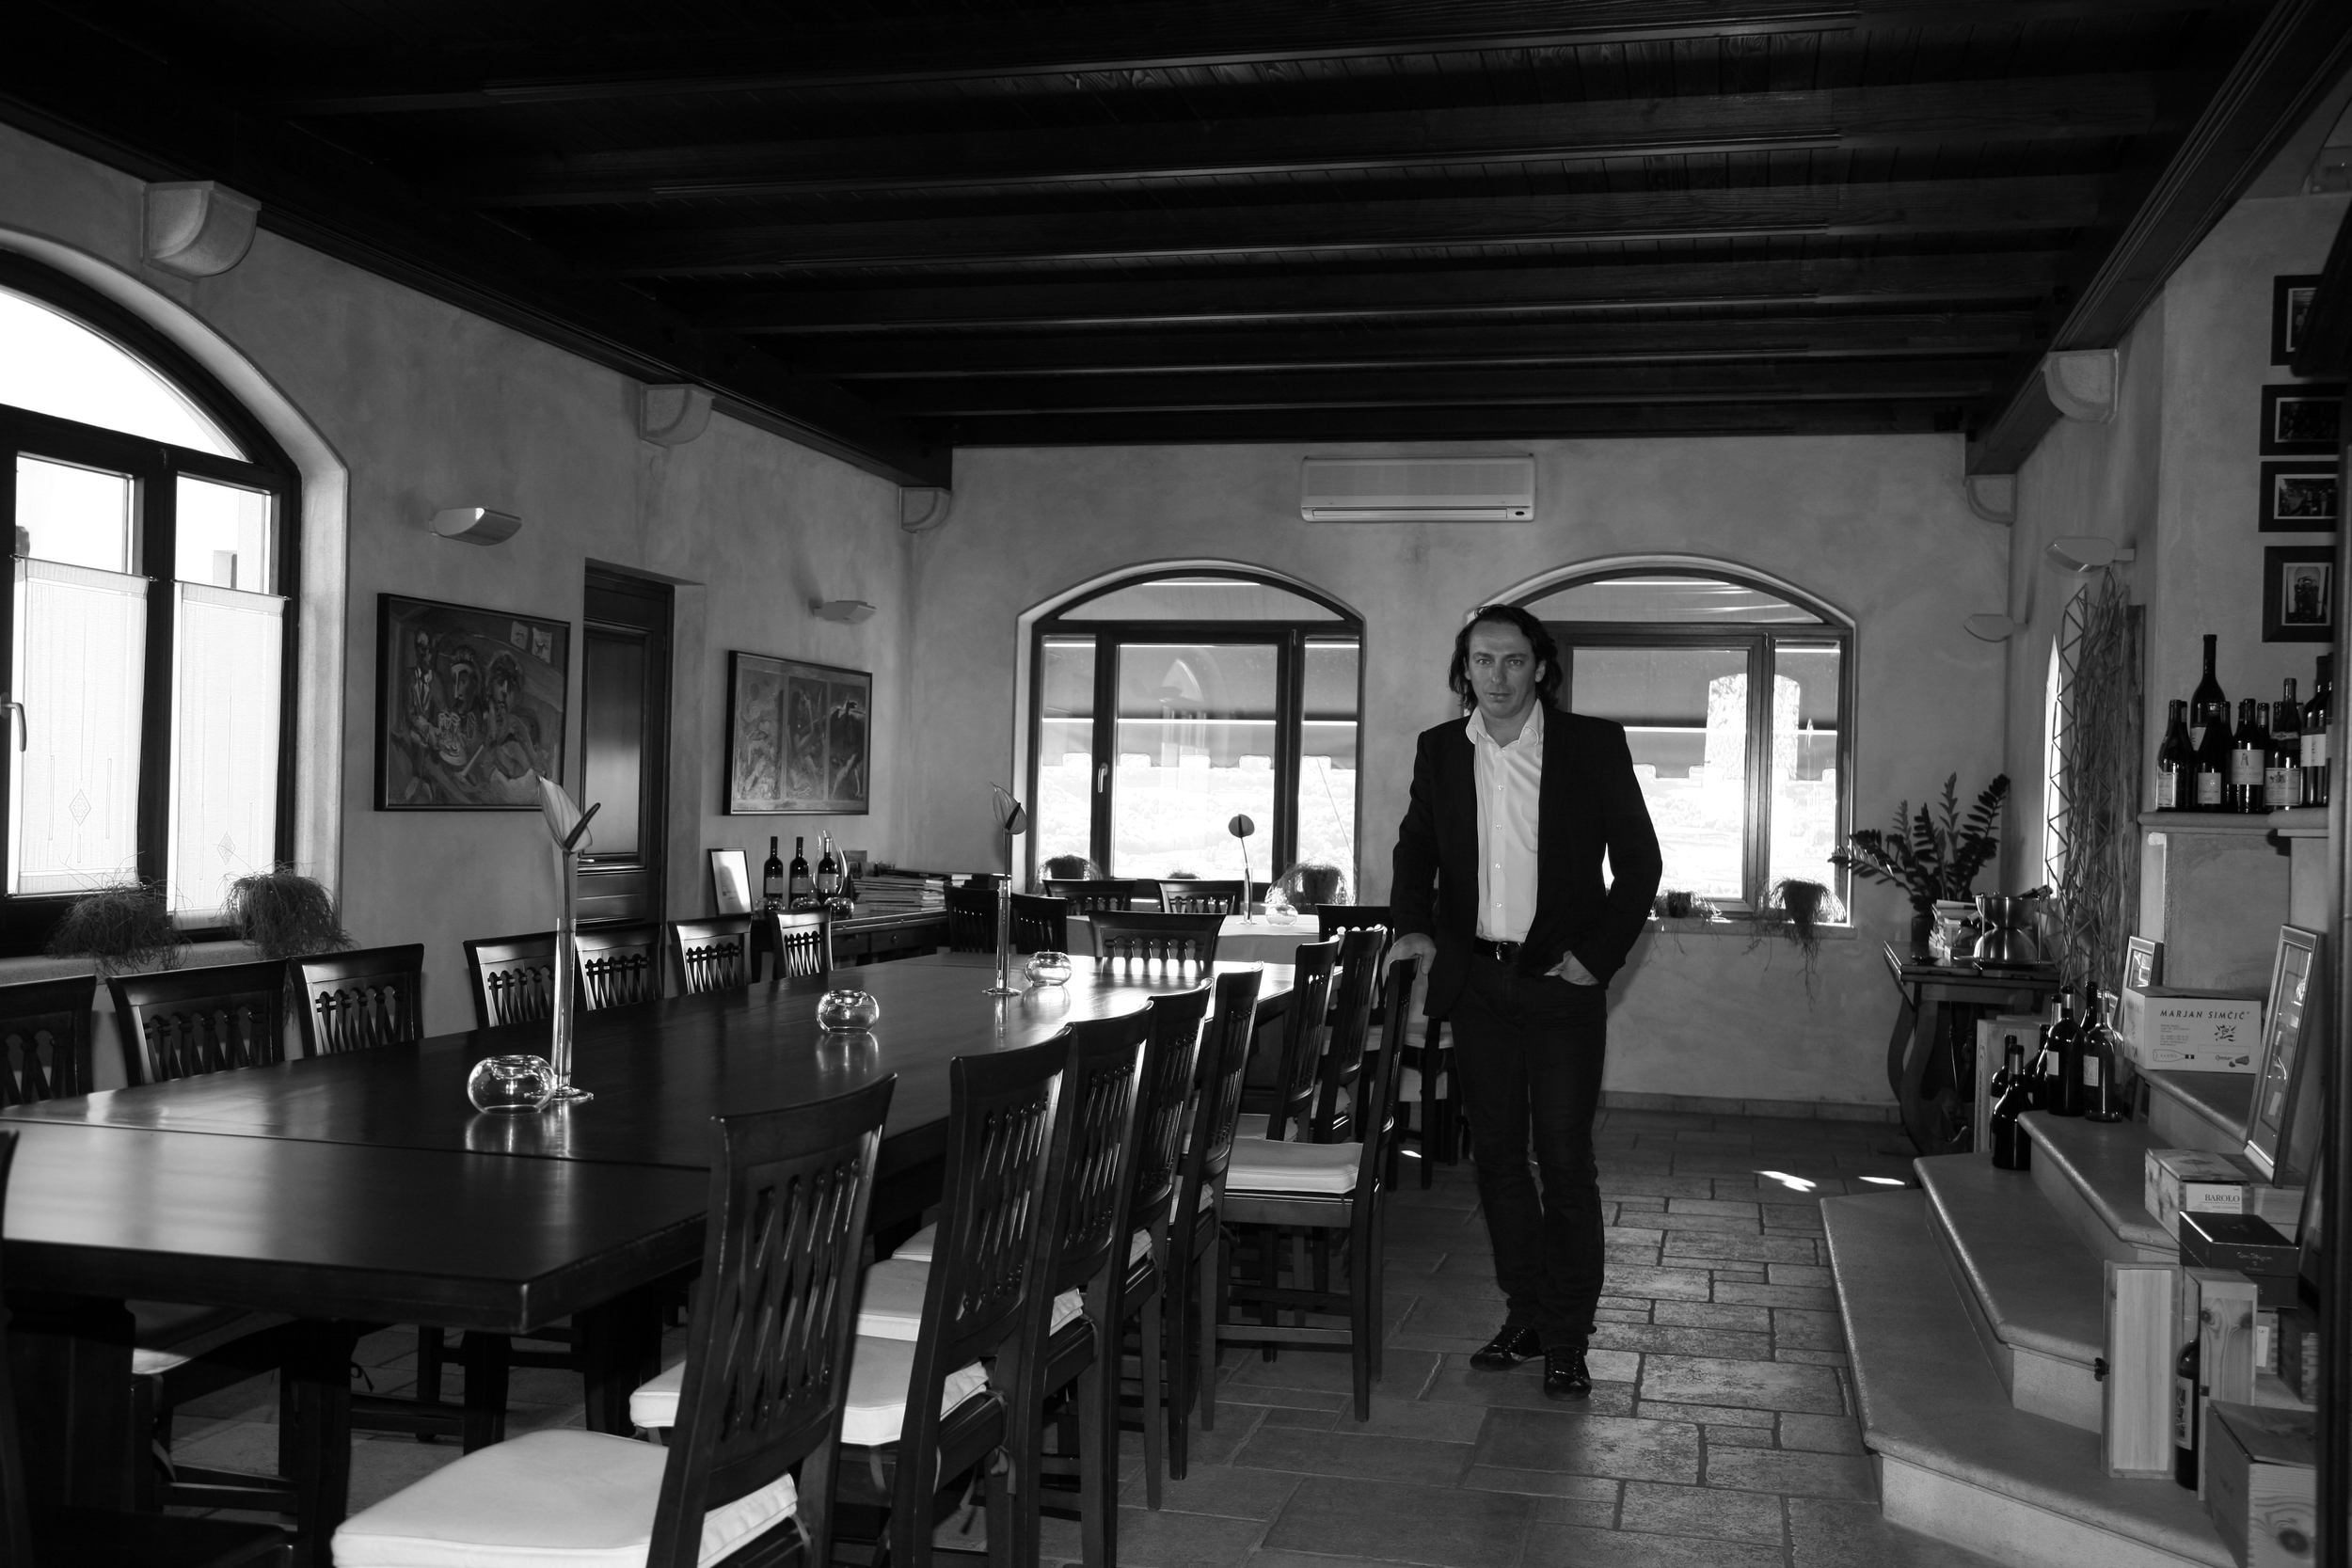 Marjan Simčič in his tasting room